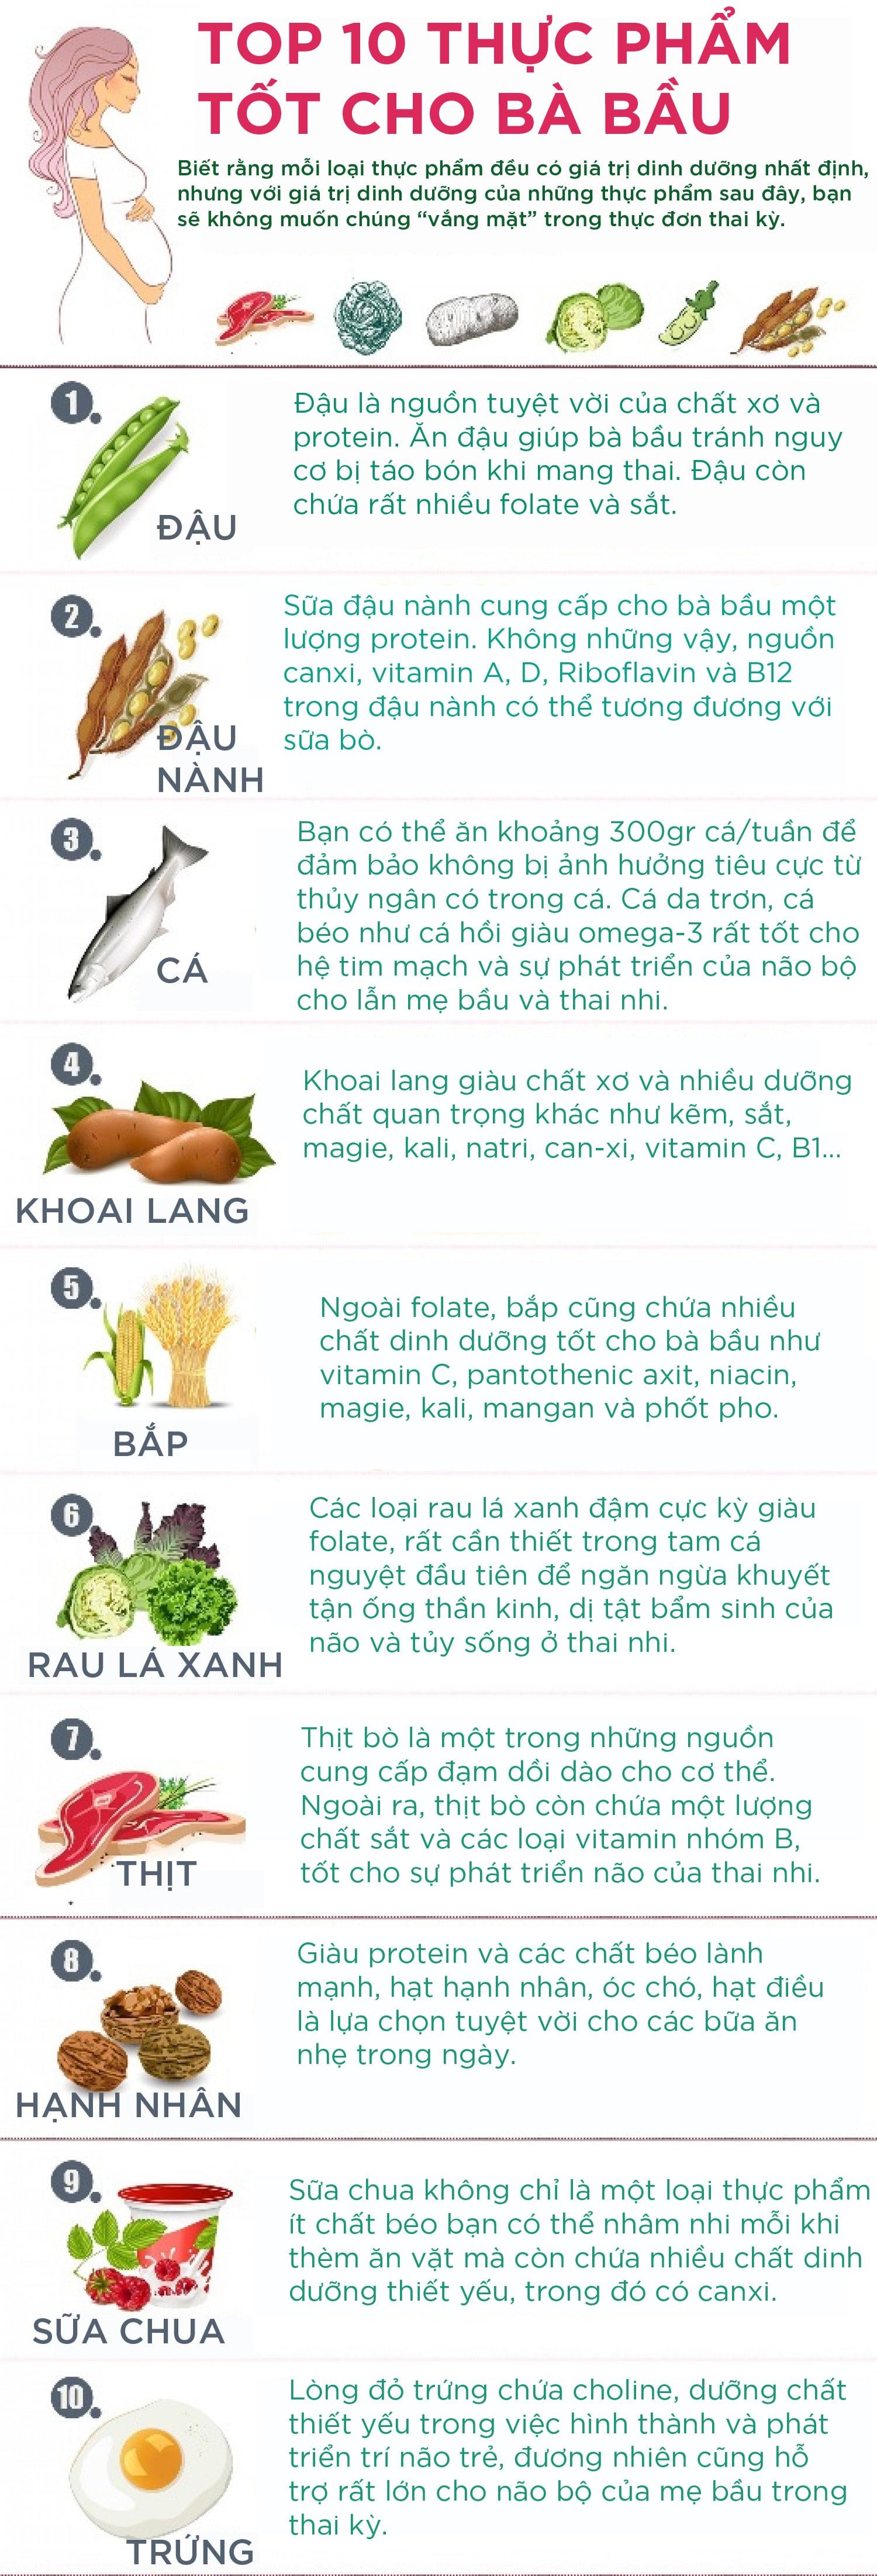 10 loại thực phẩm tốt cho bà bầu